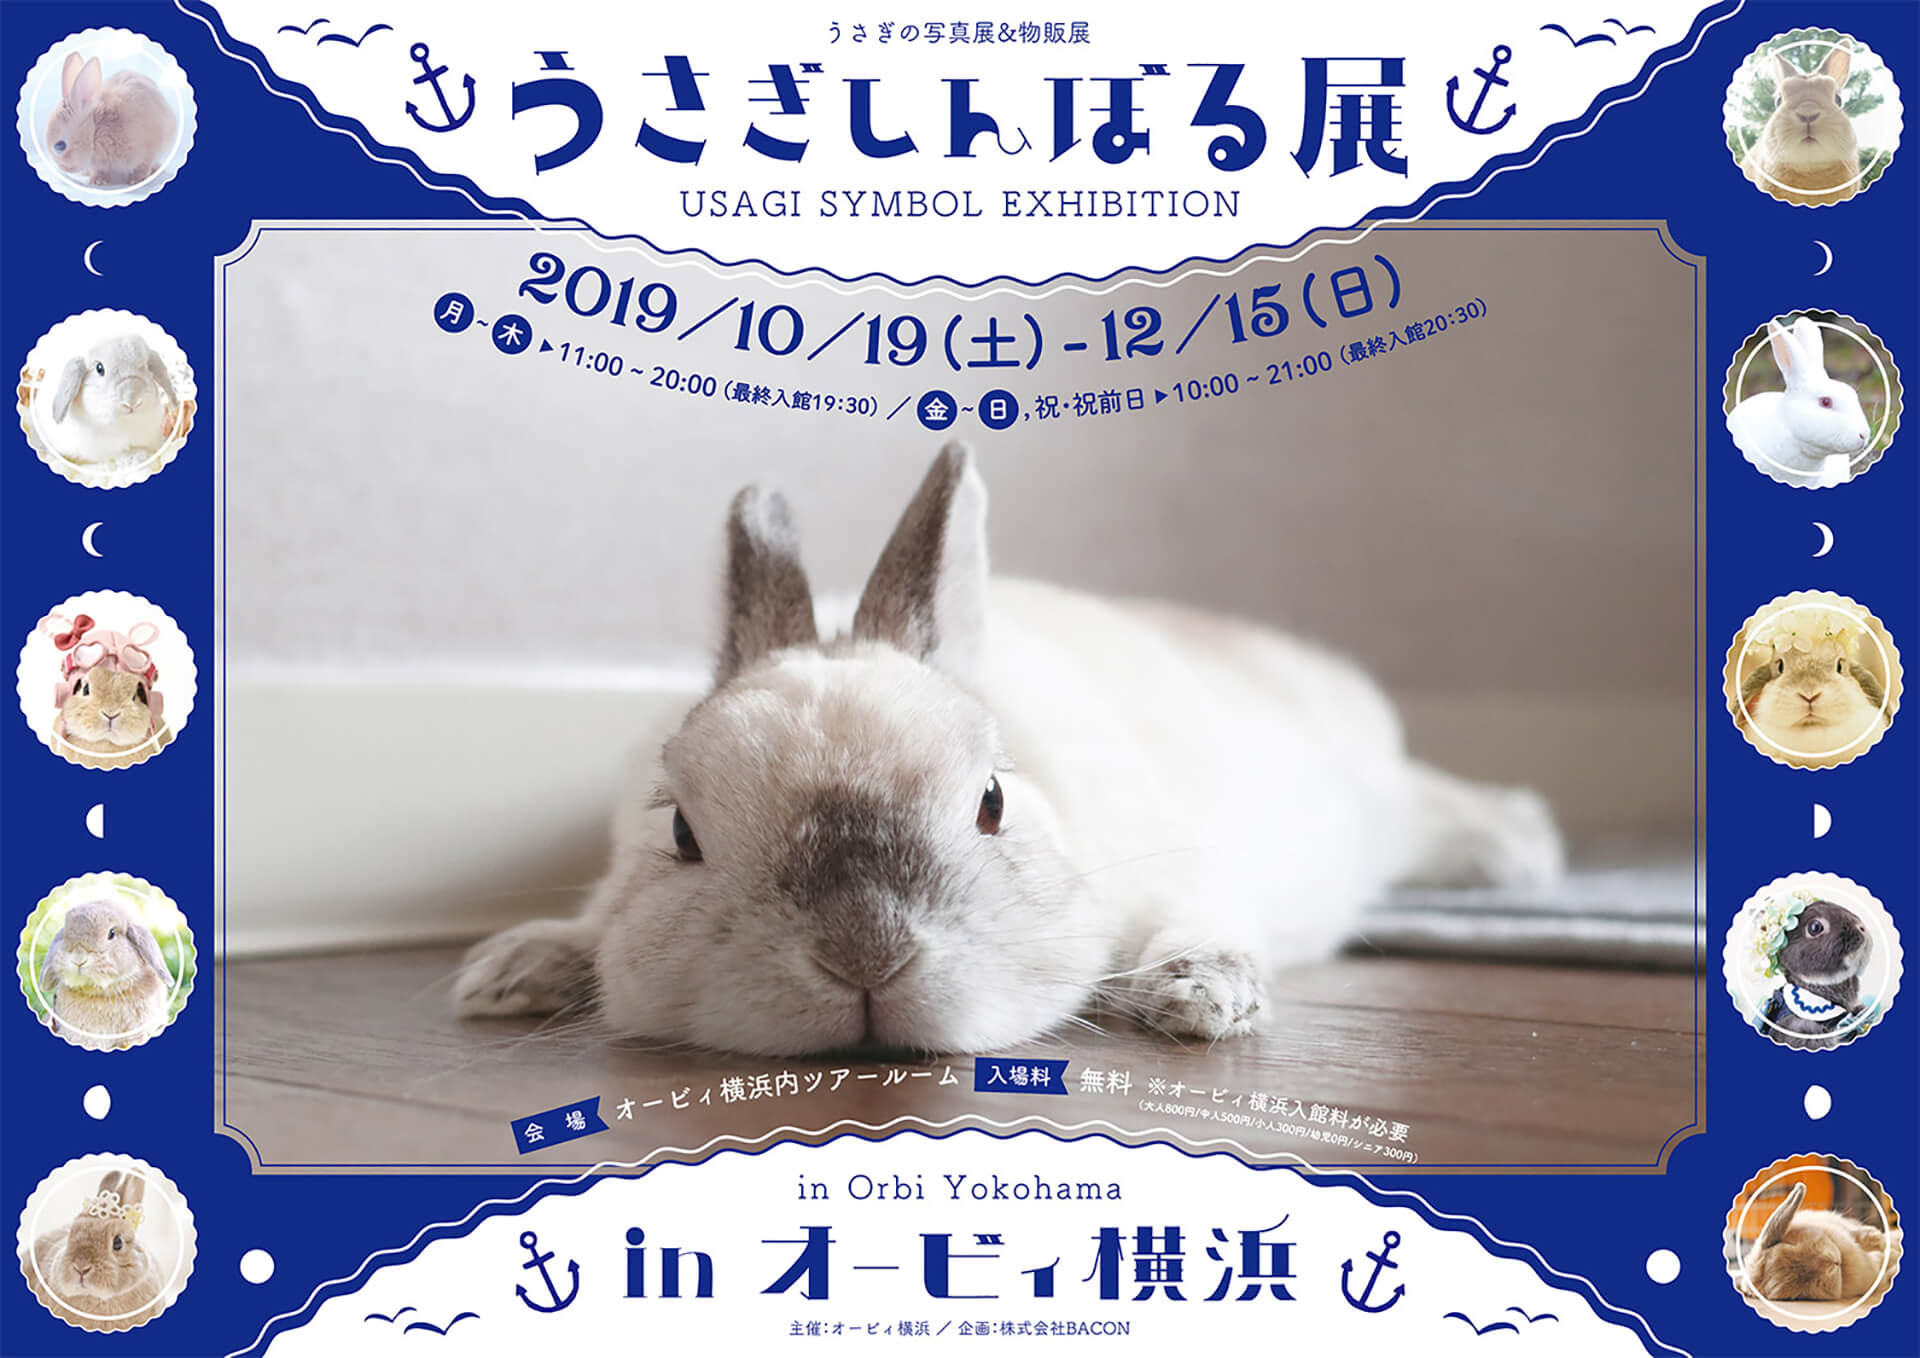 うさぎしんぼる展 in オービィ横浜バナー